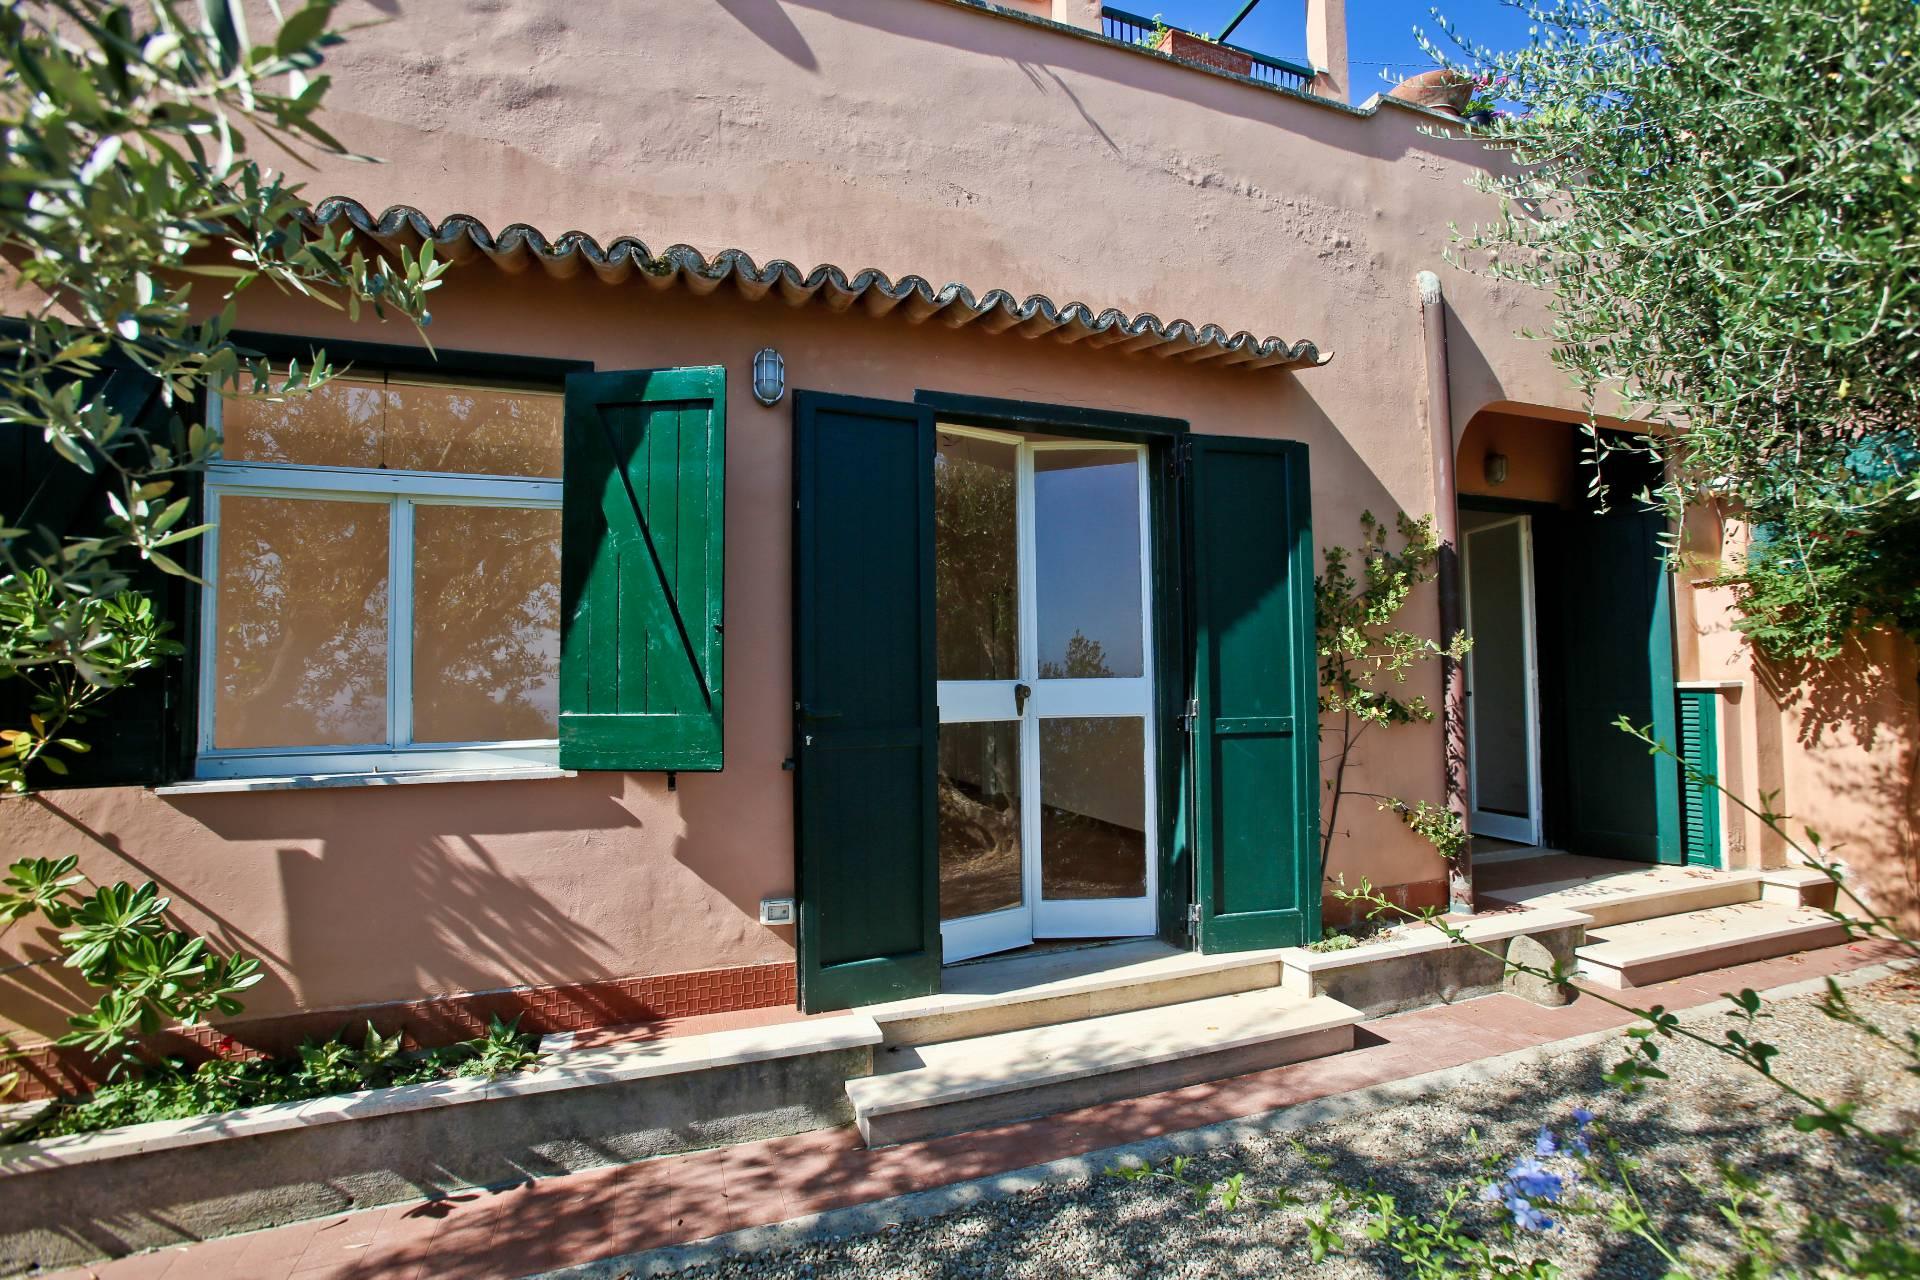 Appartamento in vendita a Monte Argentario, 6 locali, zona Località: PortoS.oStefano, prezzo € 390.000 | PortaleAgenzieImmobiliari.it